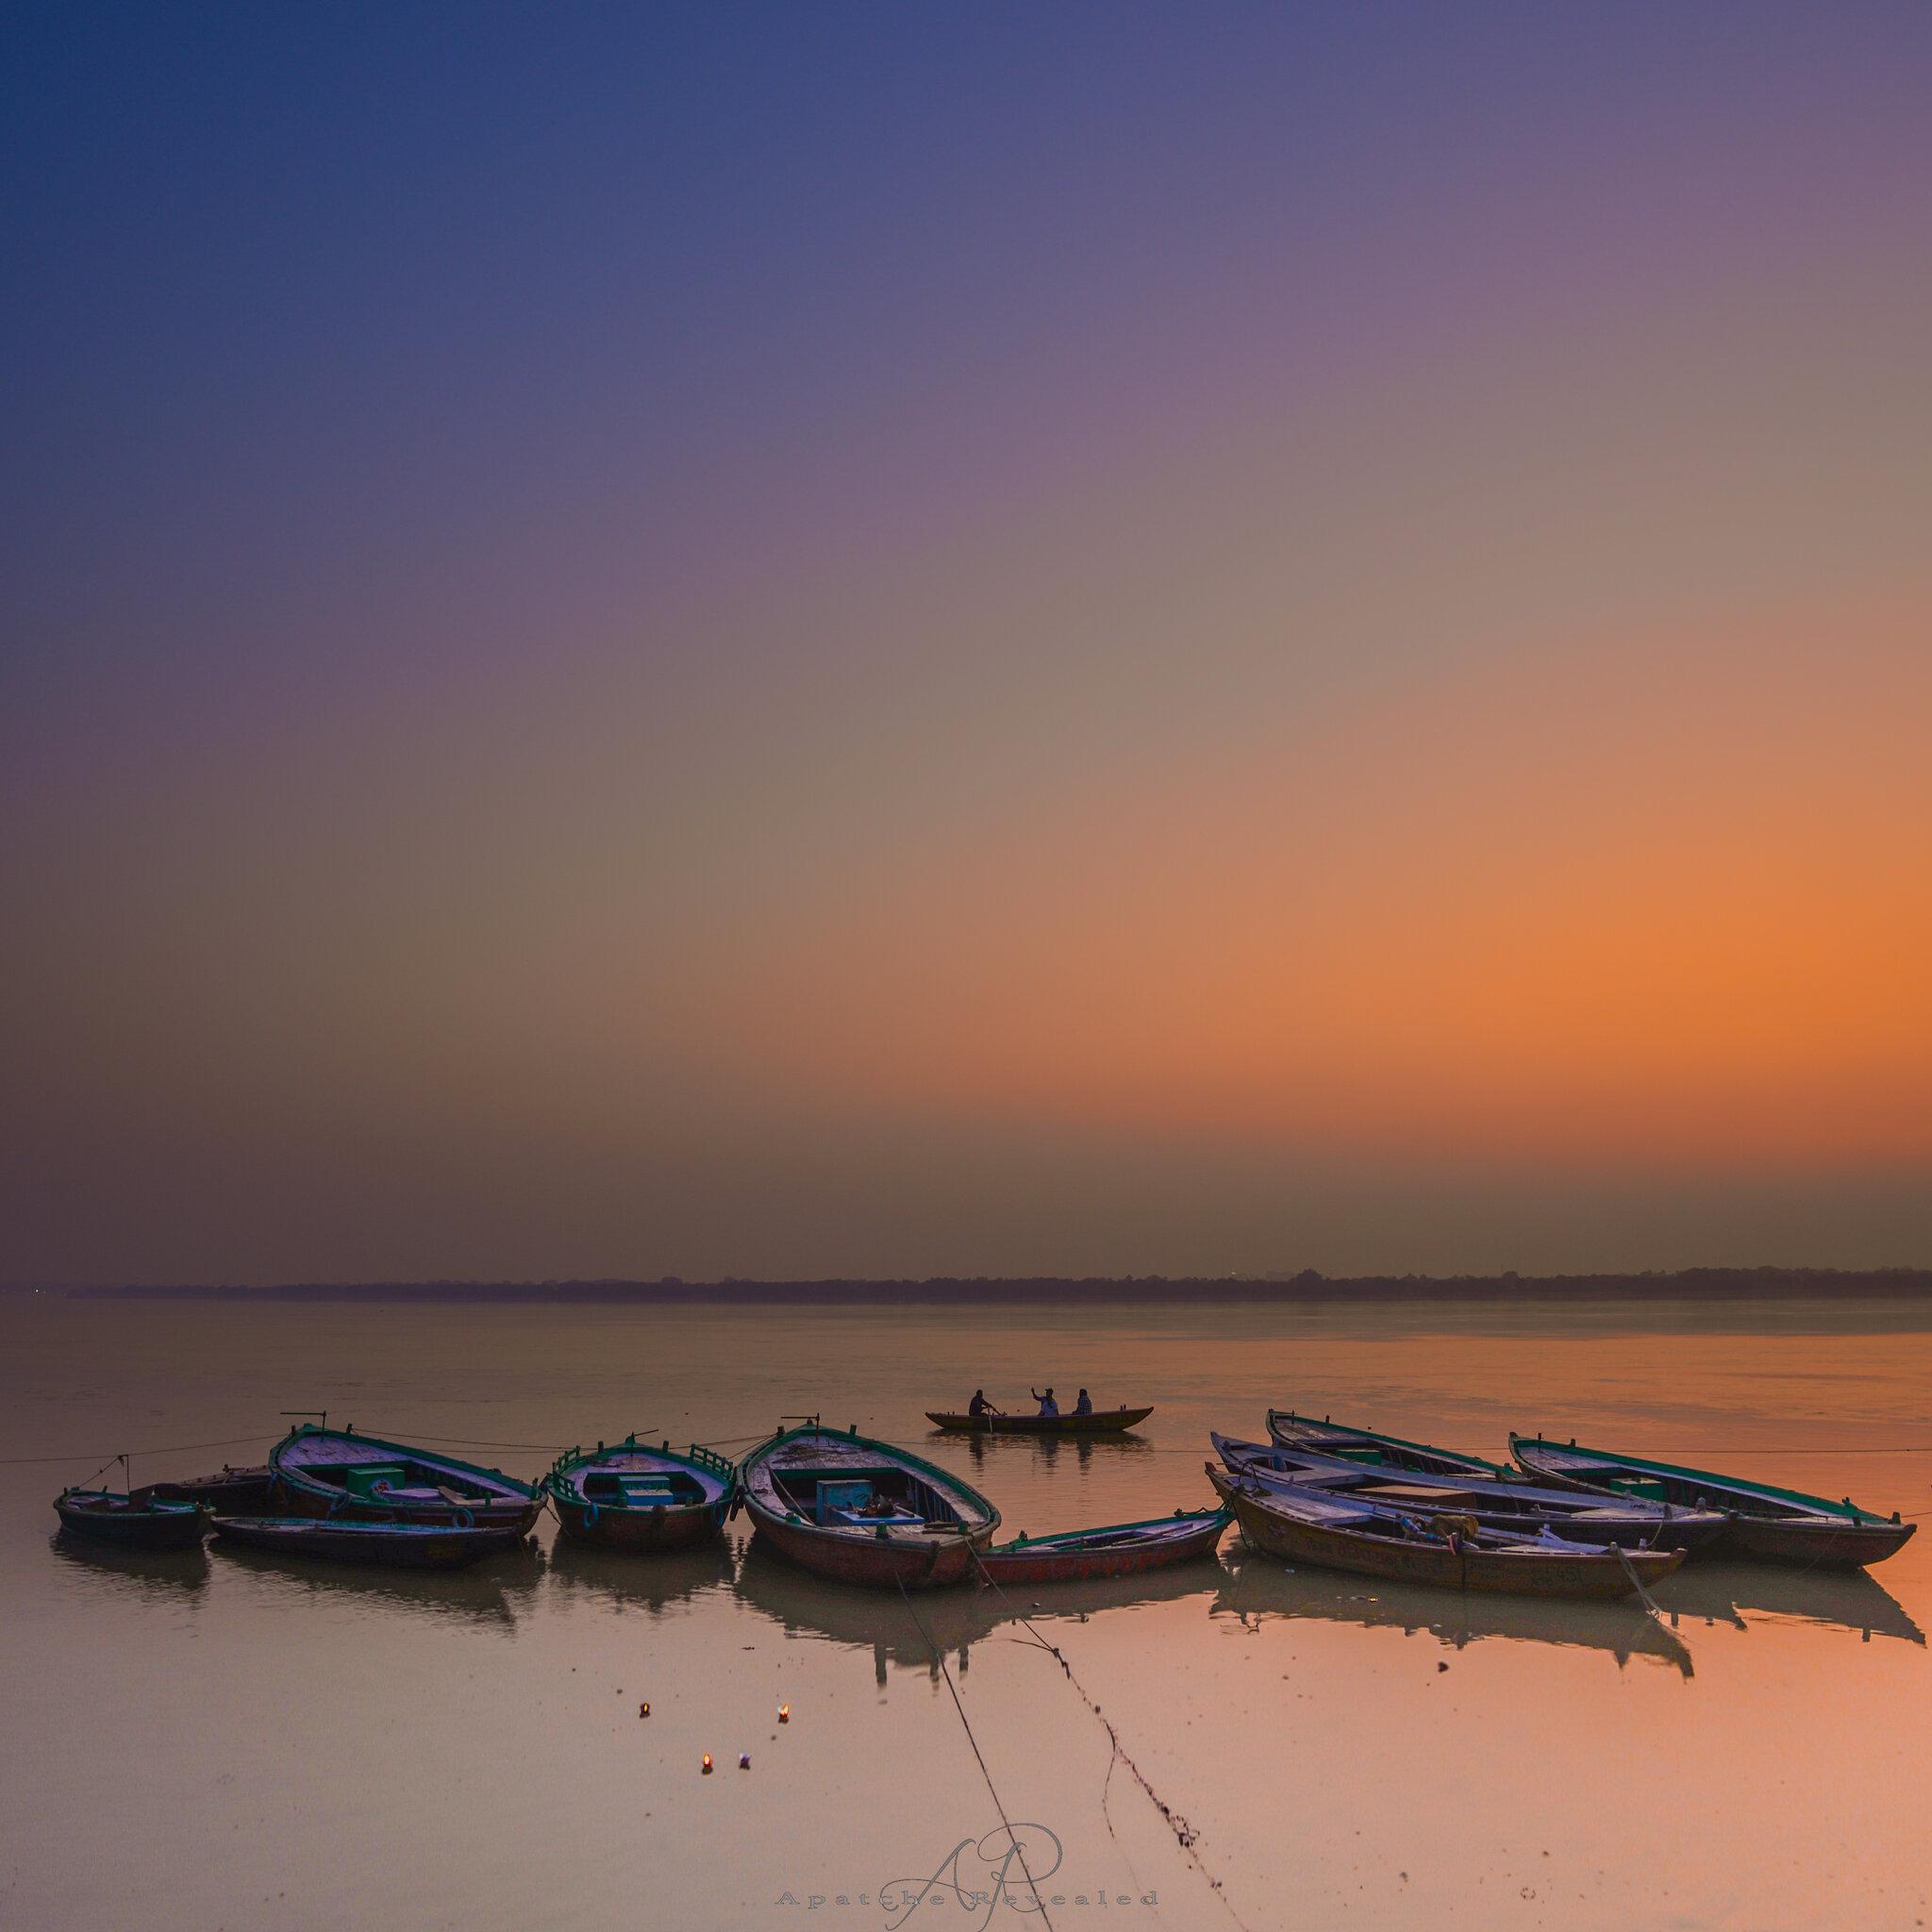 Ganga-river-boats.jpg